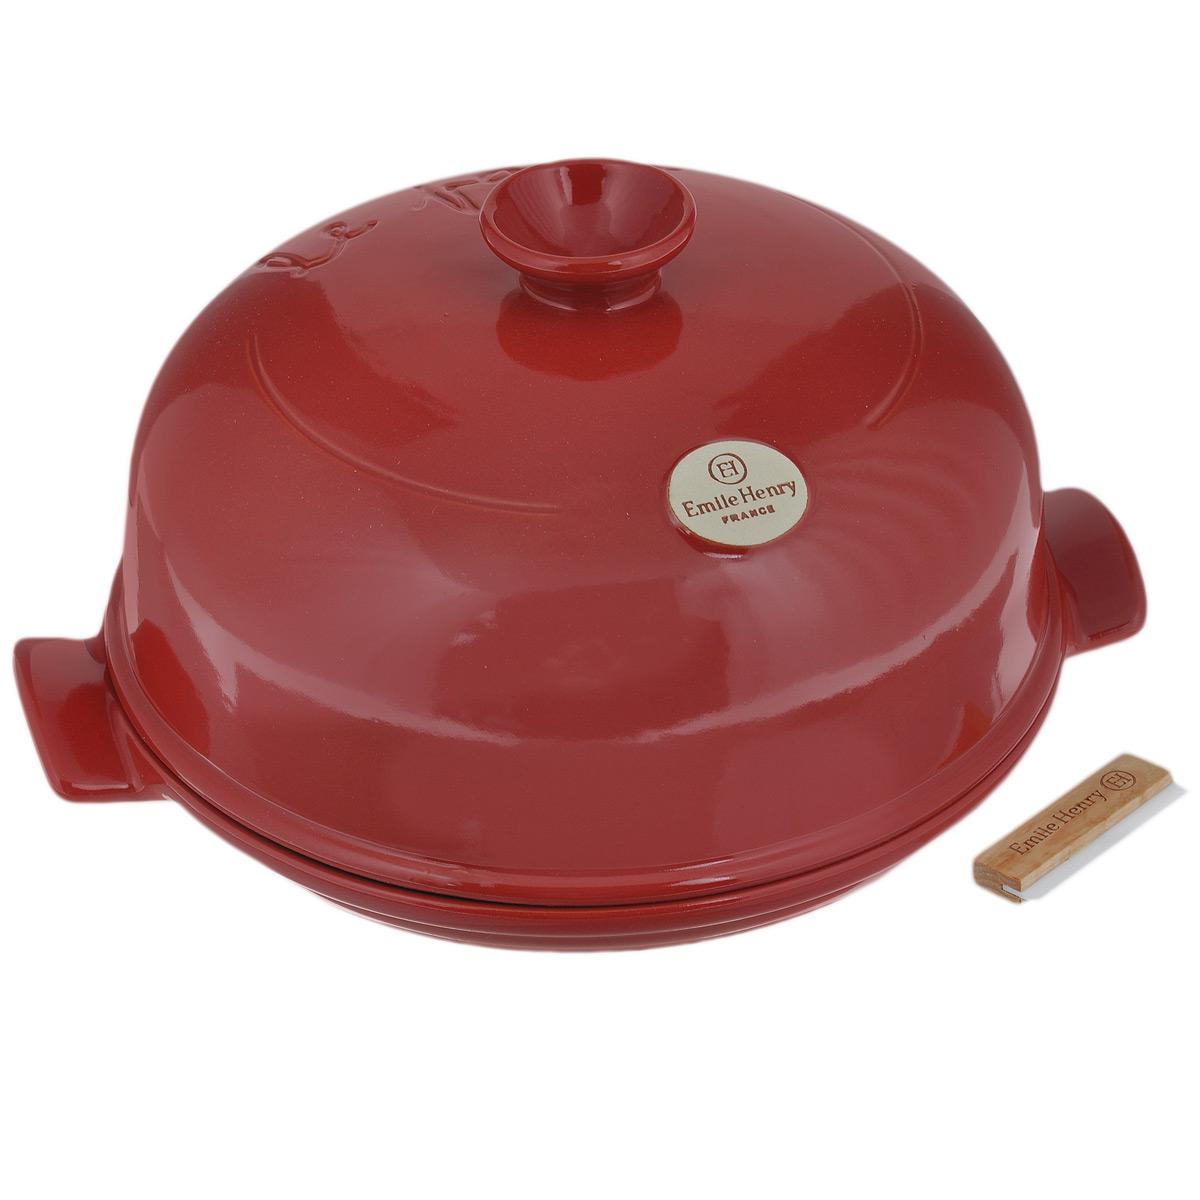 Набор для выпечки хлеба Emile Henry, цвет: гранат, 3 предмета349108Набор для выпечки хлеба Emile Henry состоит из круглой формы с крышкой и поварской лопатки. Форма и крышка выполнены из высококачественной жаропрочной глазурованной керамики, которая выдерживает нагревание до 500°C. Это полностью натуральный материал (без примеси металлов), идеально подходящий для медленного и равномерного приготовления пищи. Керамика гарантирует правильный здоровый подход к кулинарии: любые блюда получаются ароматными и сохраняют все полезные вещества, не подвергаясь перепадам температур в процессе приготовления. Благодаря медленному распределению тепла, вкусы и запахи продуктов концентрируются и становятся более насыщенными. Керамическая посуда обладает свойством долго сохранять тепло после того, как блюдо было снято с огня, и легко удерживать холод после того, как блюдо достали из холодильника. Куполообразная крышка является аналогом свода печи и позволяет поддерживать постоянную влажность в процессе приготовления, поэтому хлеб всегда...